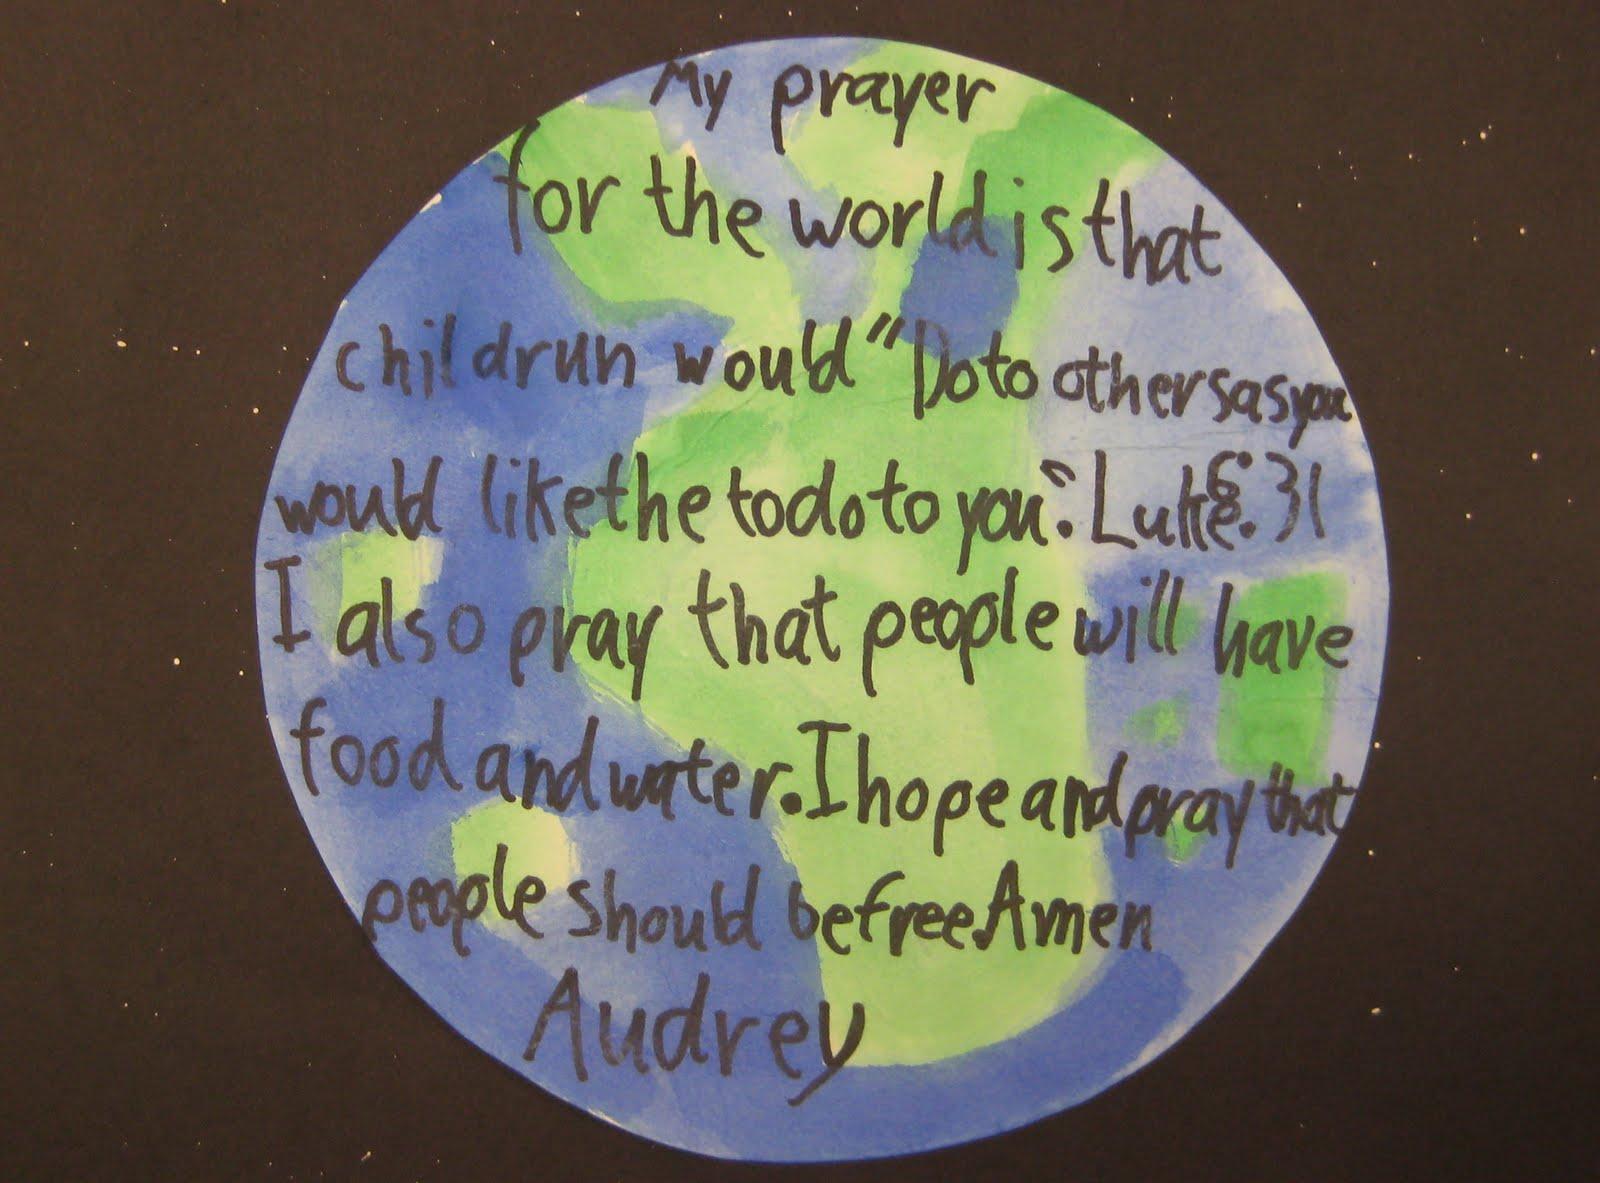 Berühmt Children's Prayers for the World | TeachKidsArt DI42